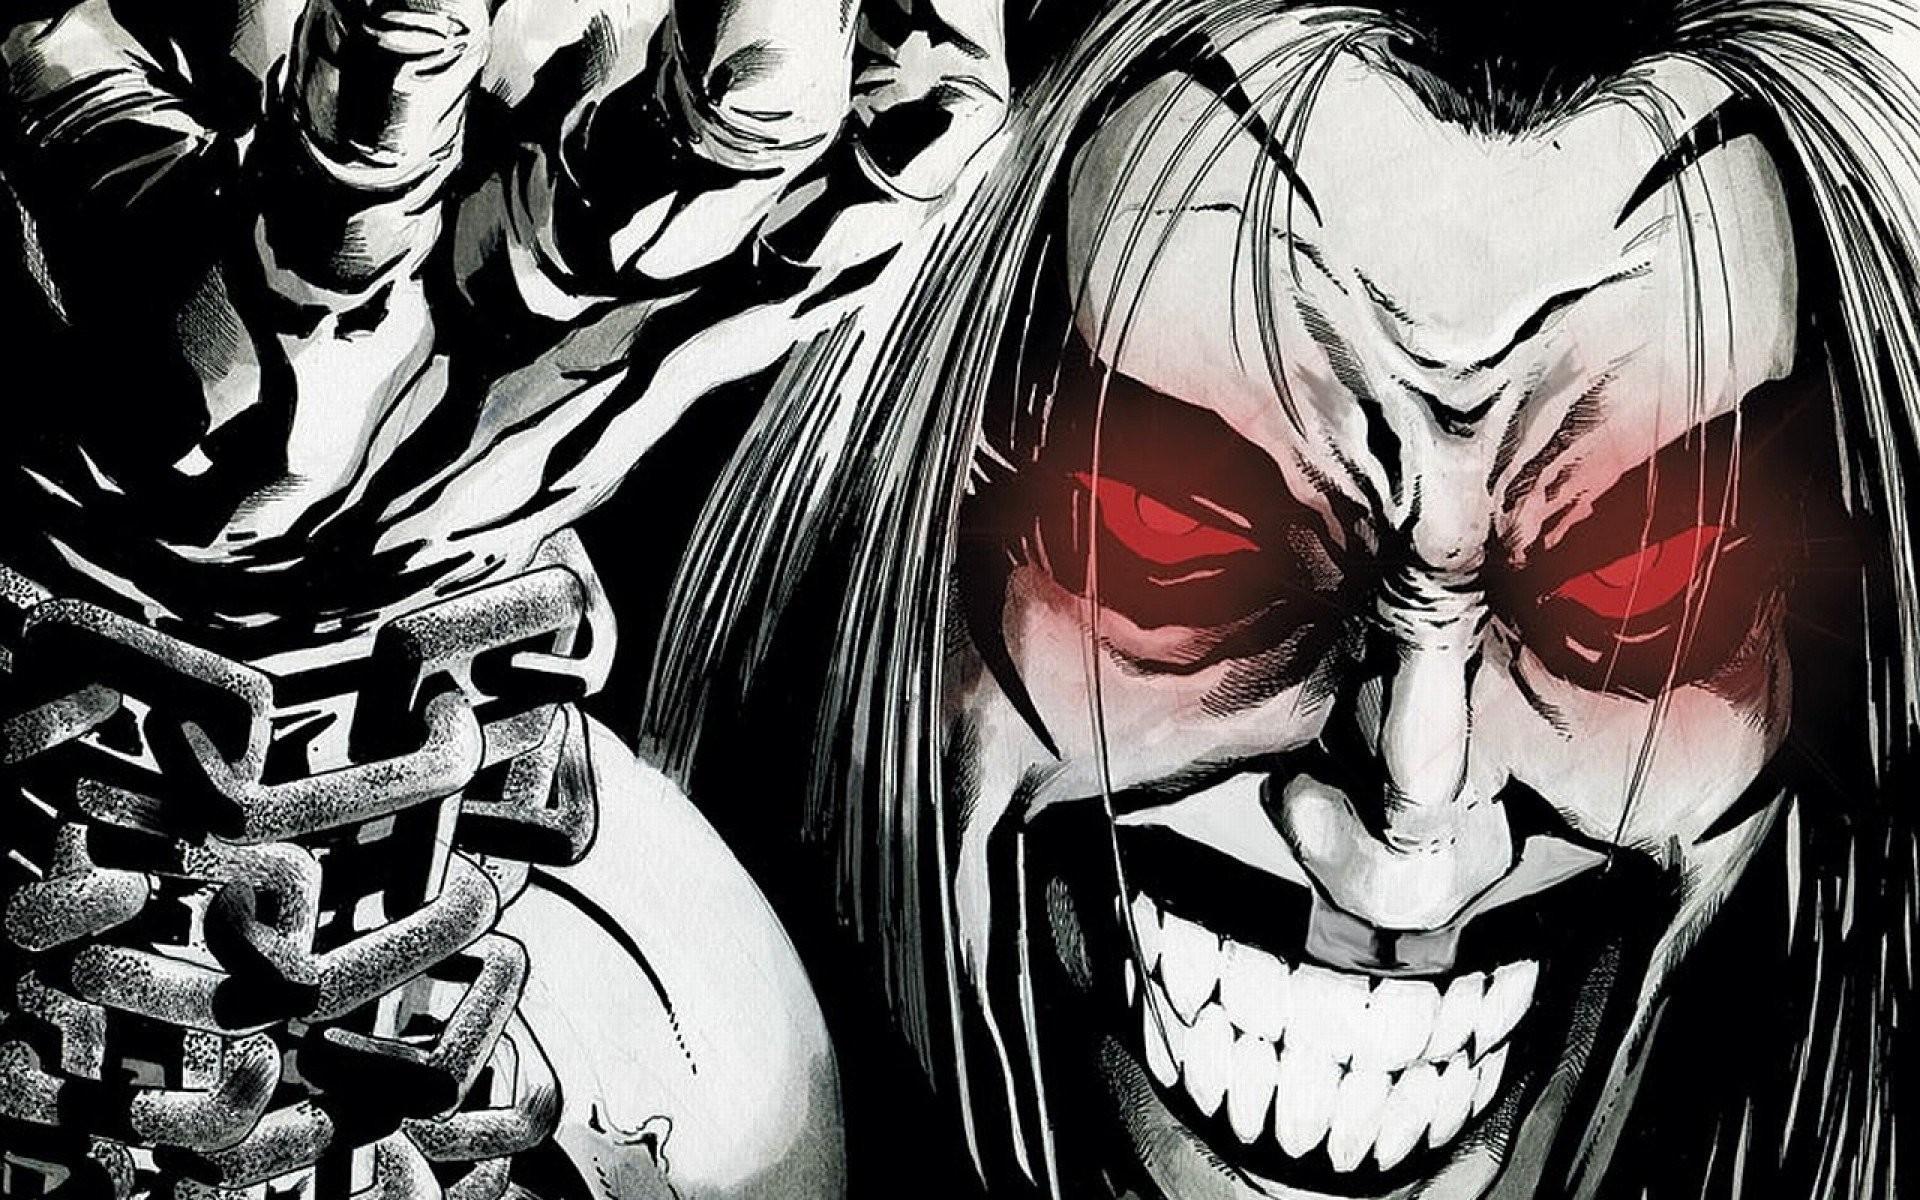 DC Comics comics Lobo weird worlds Czarnian wallpaper background